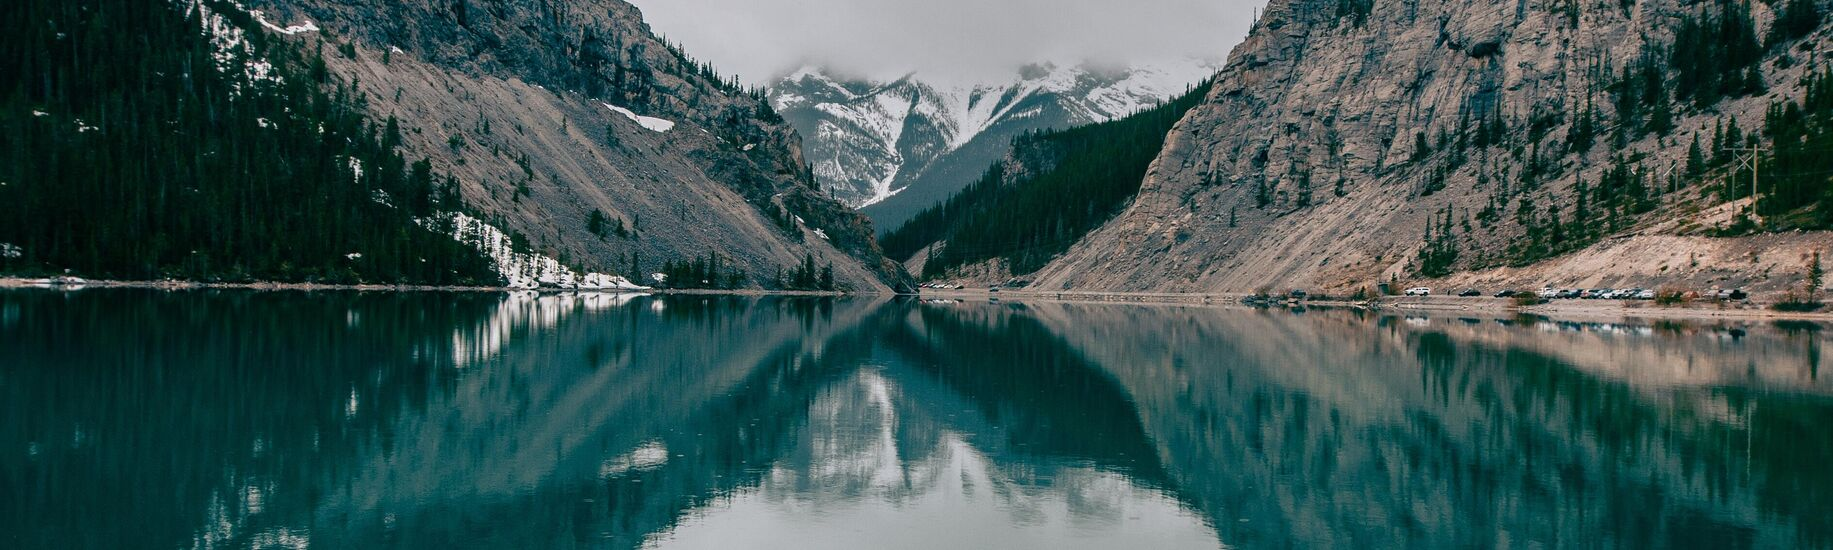 Lakes & Mountains